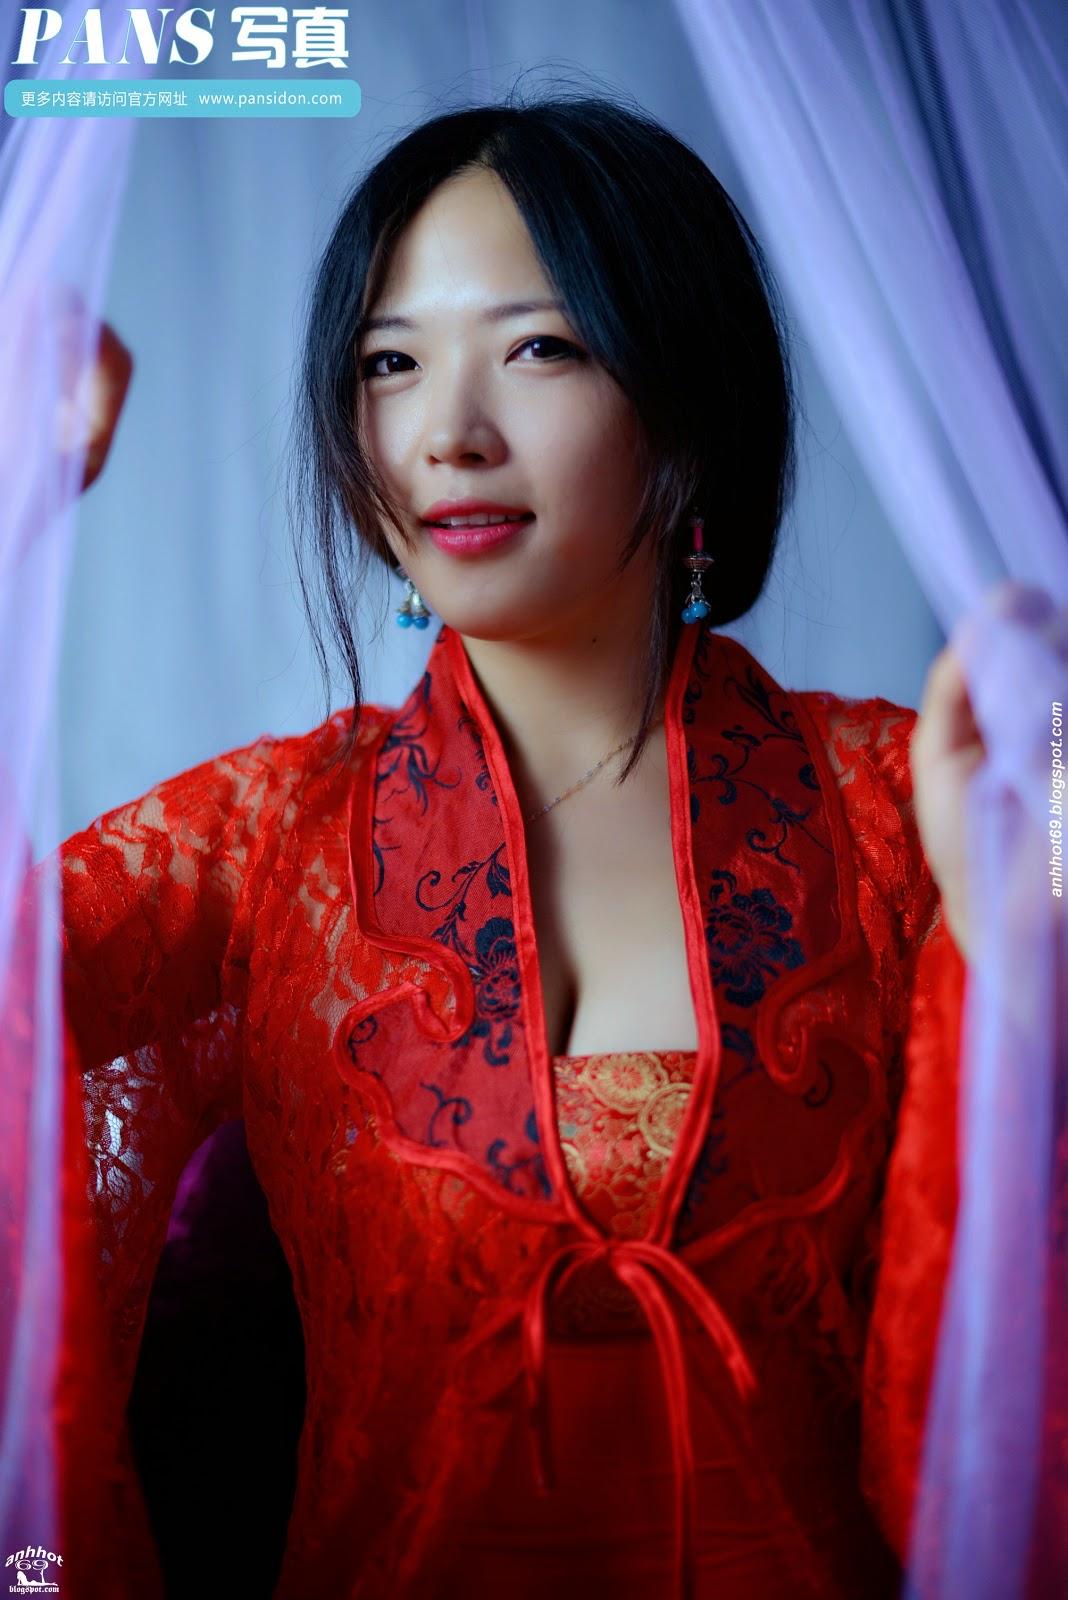 yuhan-pansidon-02851547